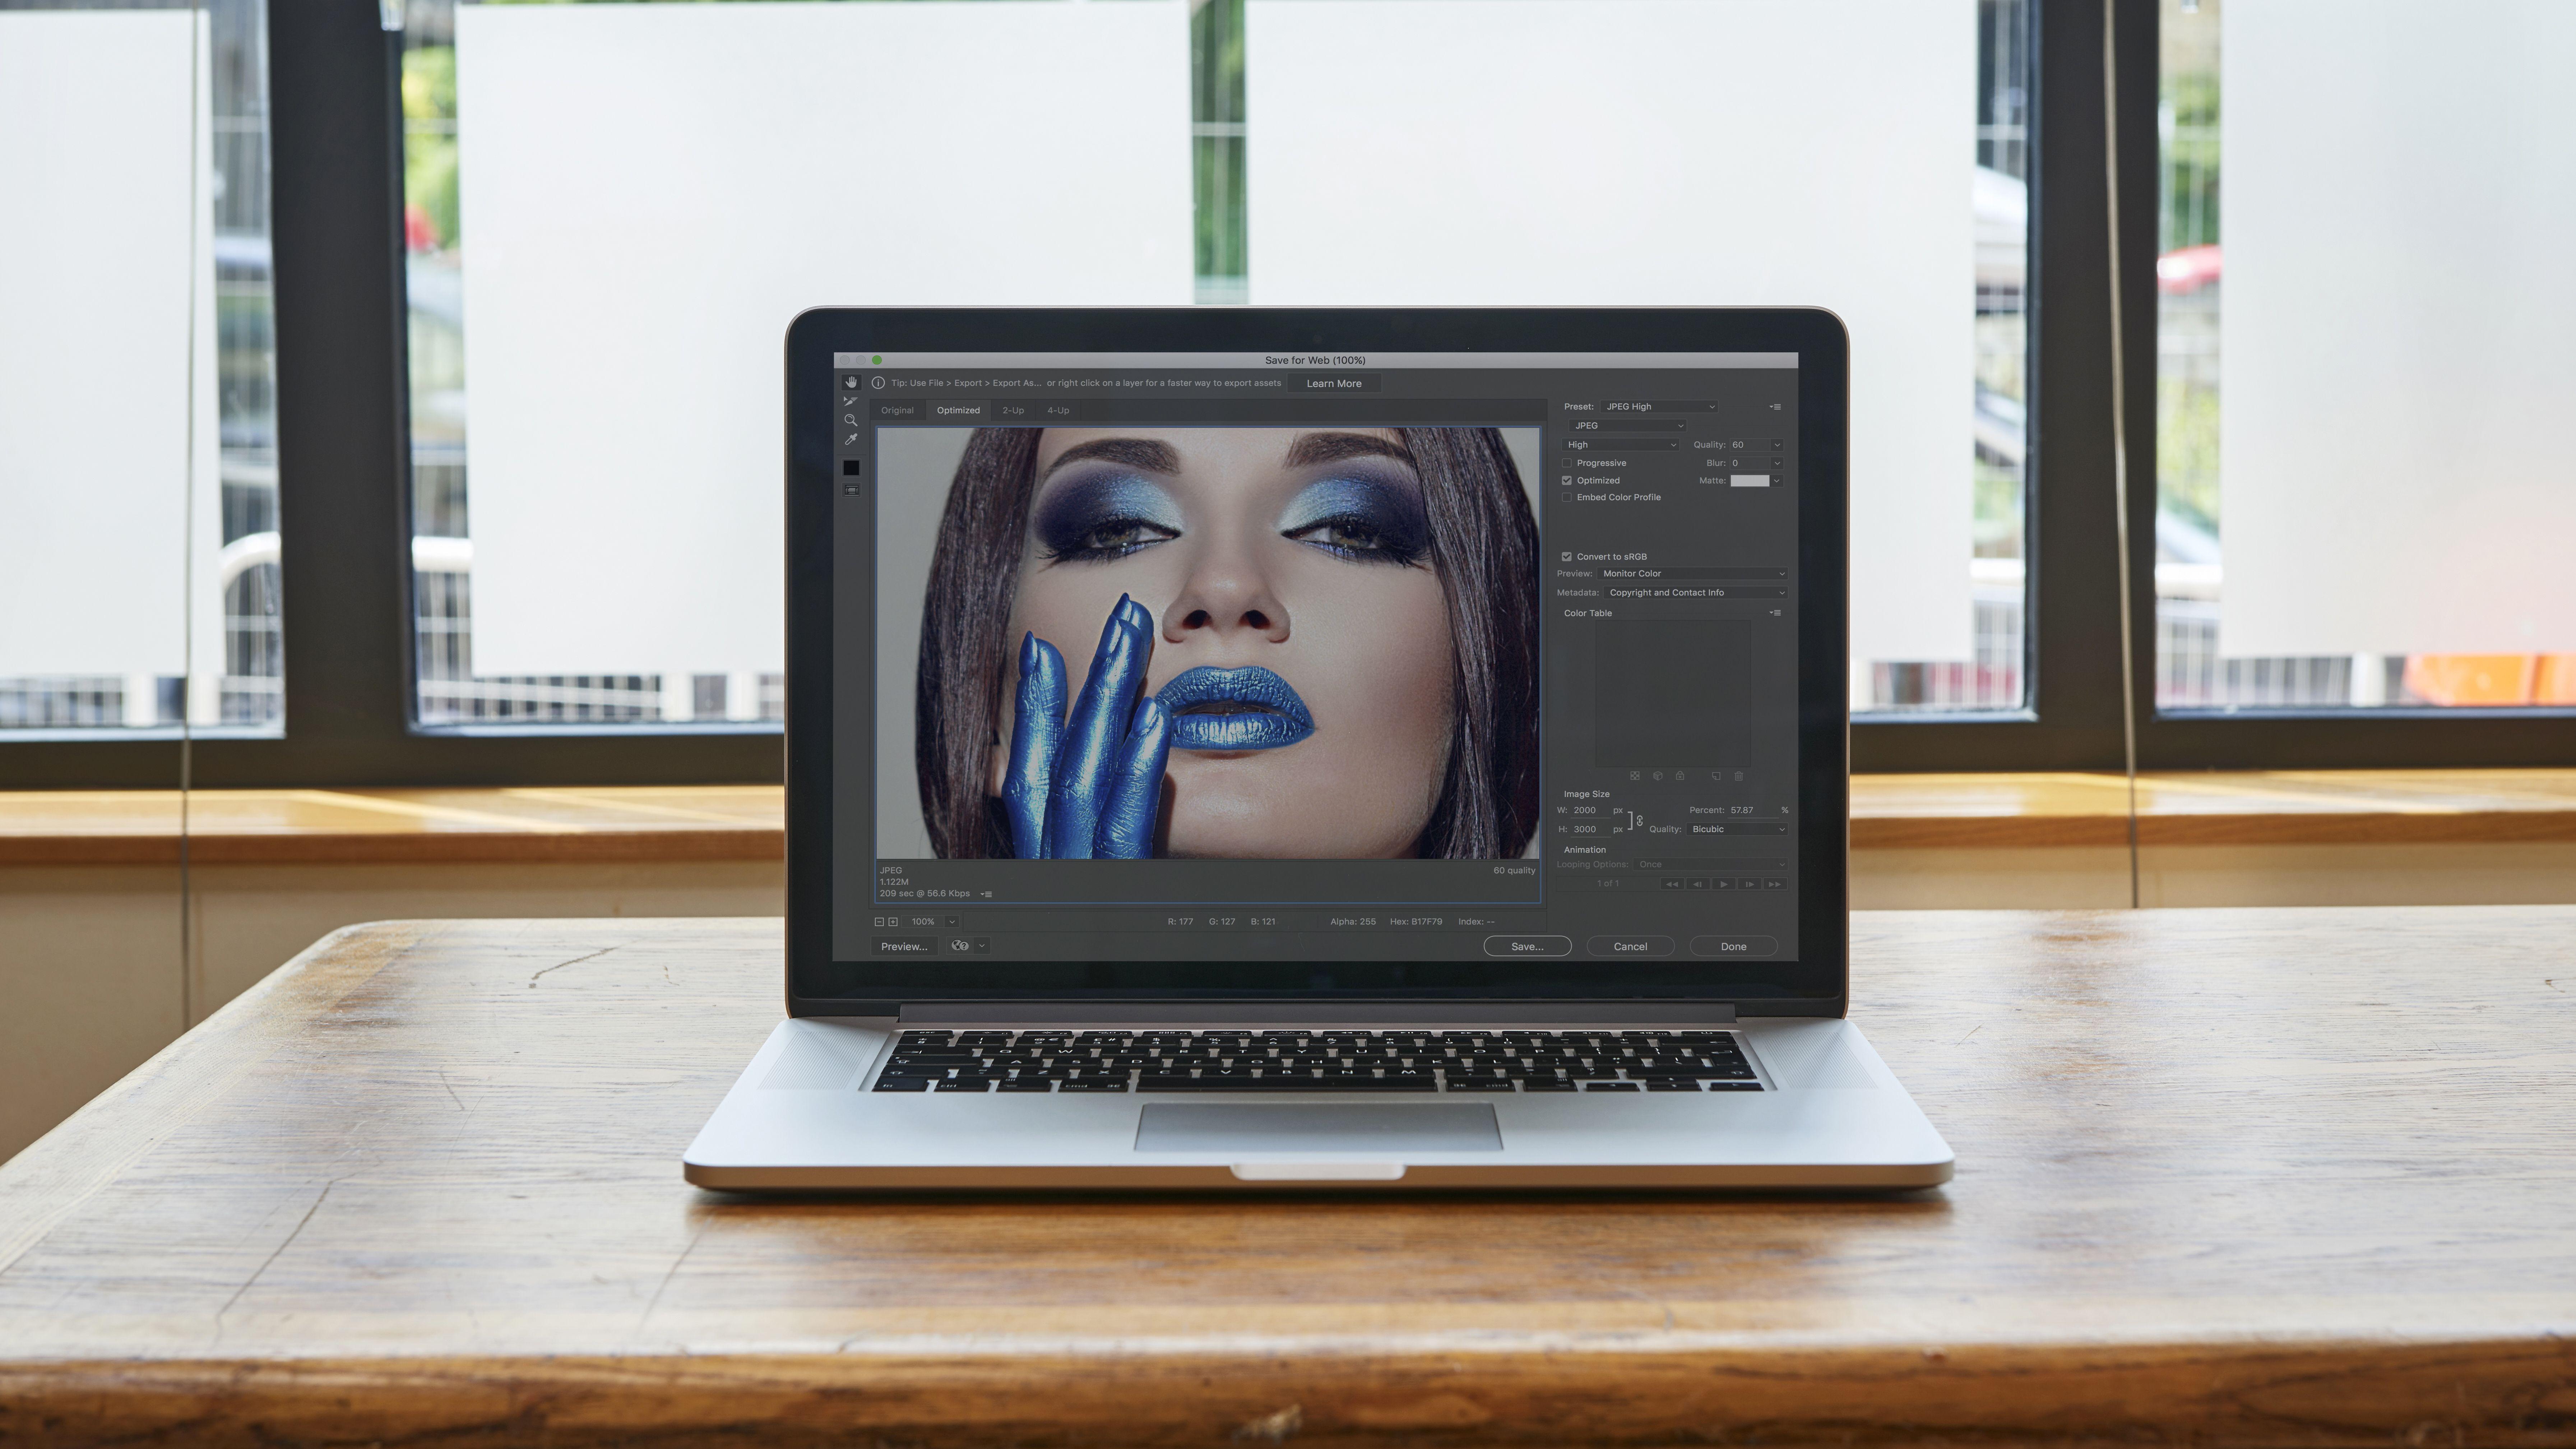 какой компьютер лучше для фотографа макбук вы, что мамаев